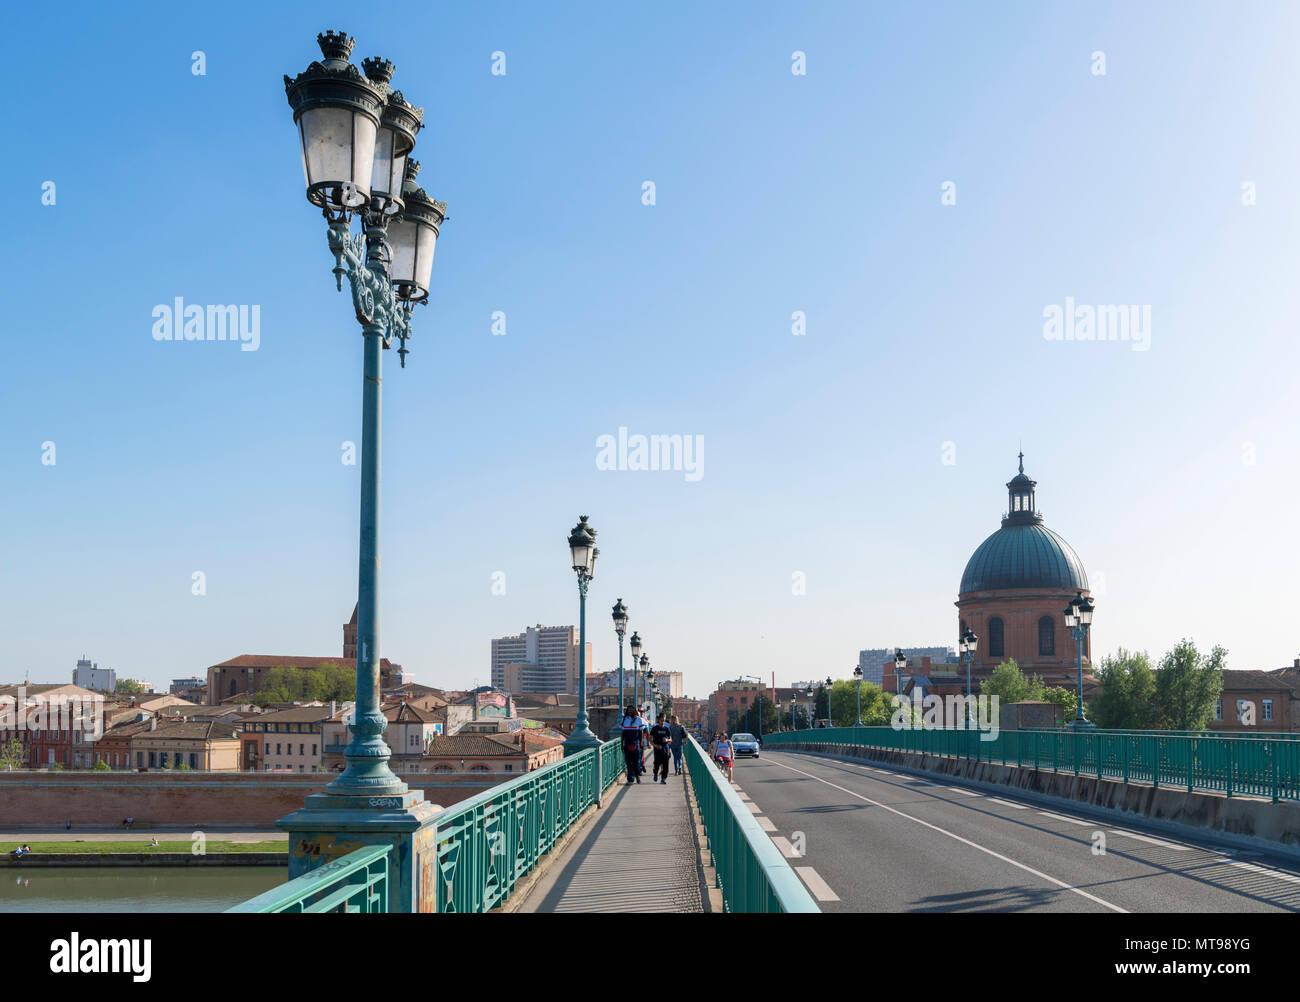 Pont Saint-Pierre (St Pierre Bridge) over the River Garonne looking towards the city centre,Toulouse, Languedoc, France - Stock Image